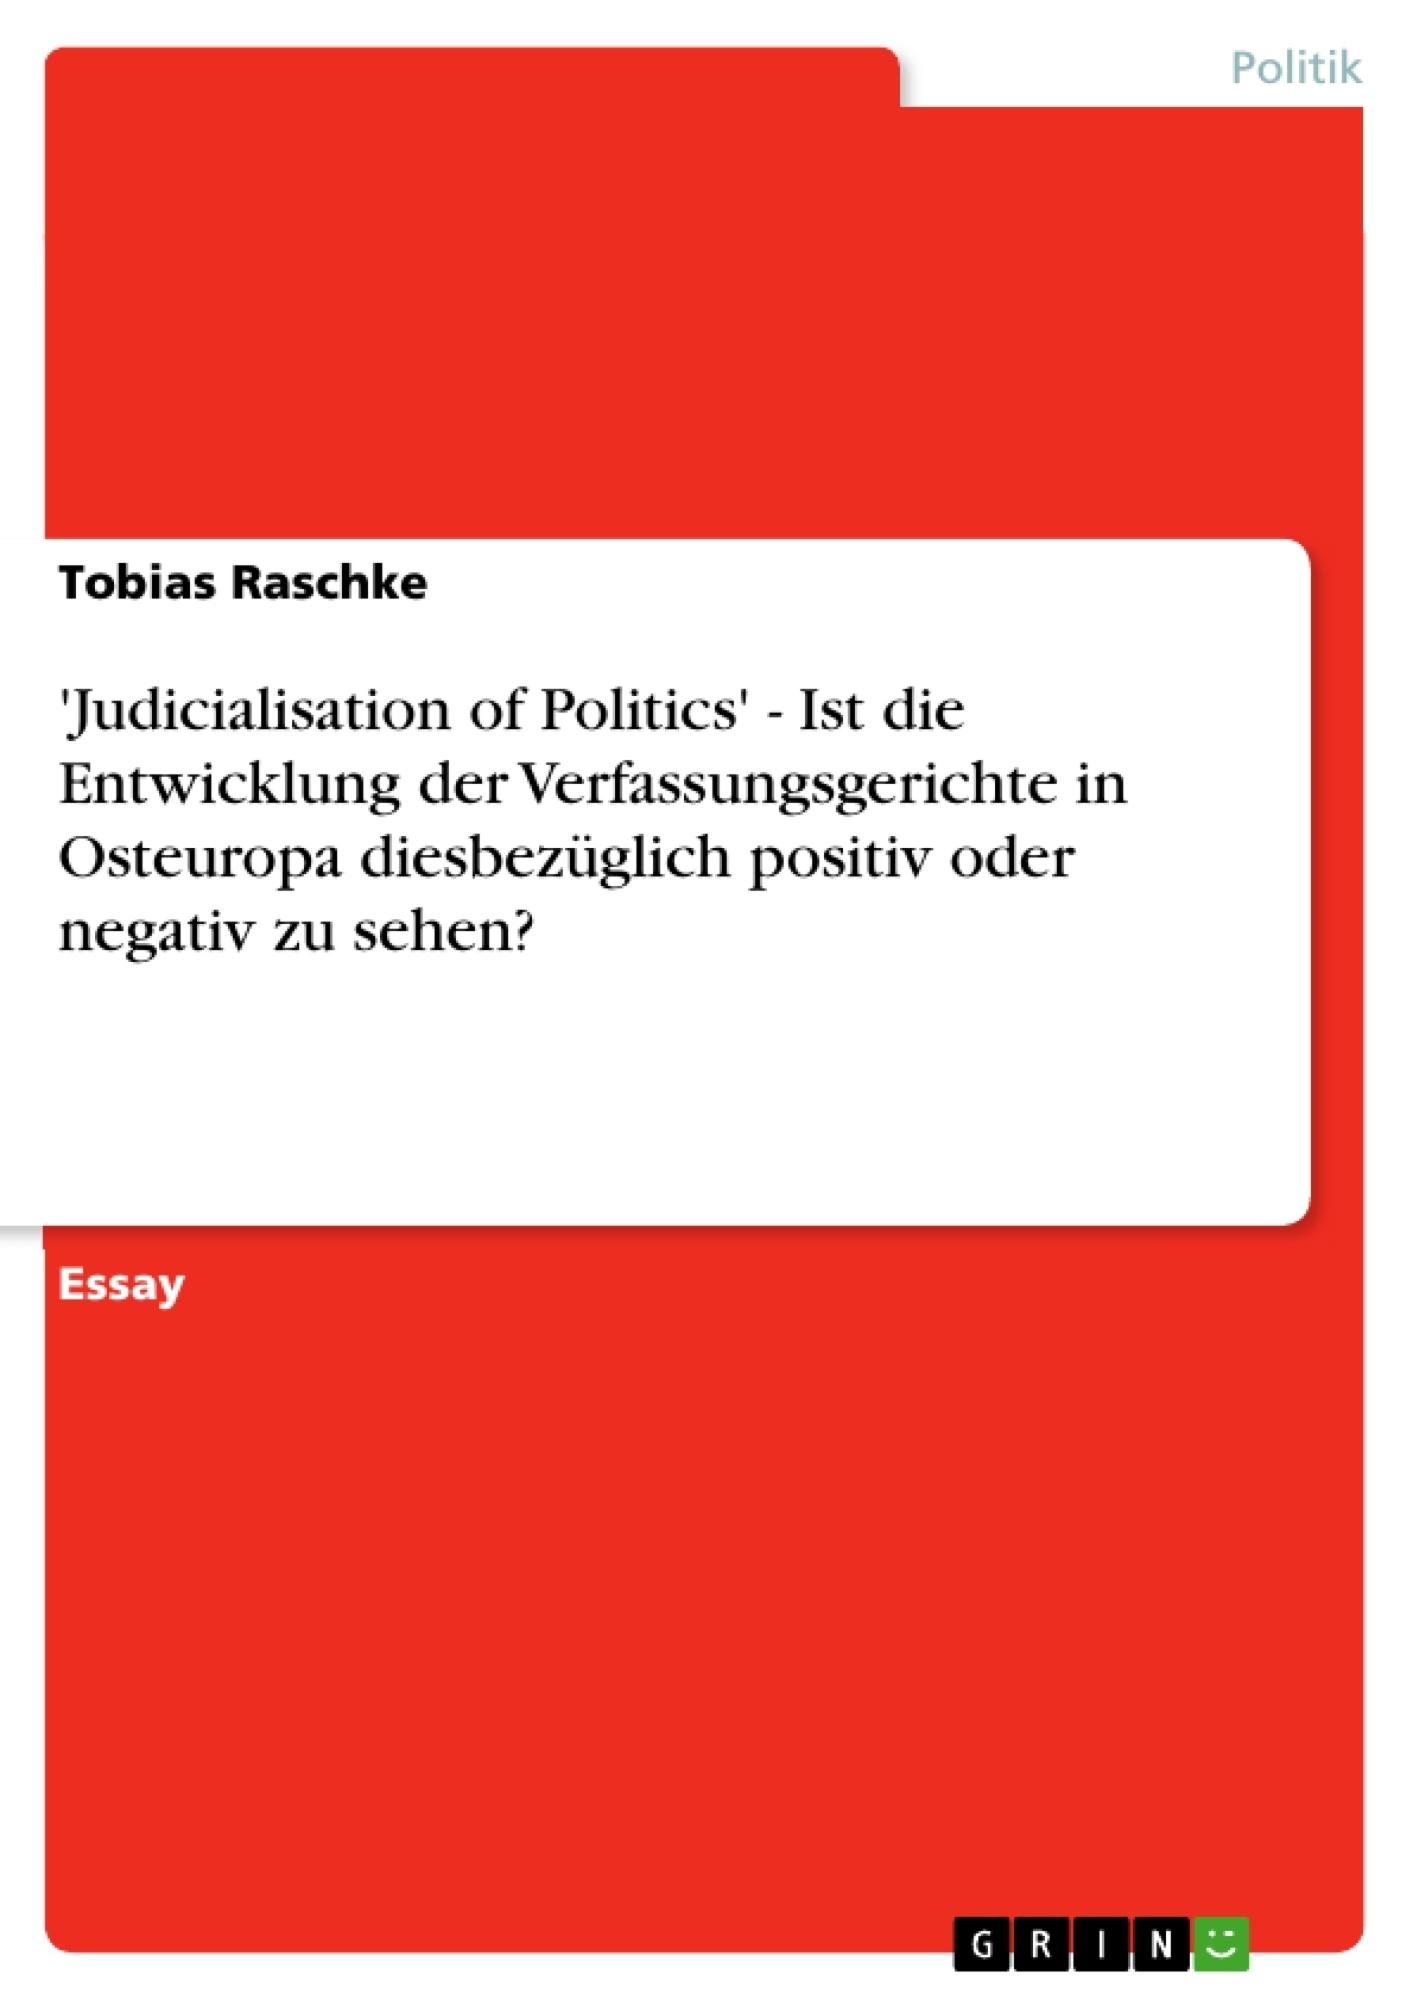 Titel: 'Judicialisation of Politics' - Ist die Entwicklung der Verfassungsgerichte in Osteuropa diesbezüglich positiv oder negativ zu sehen?